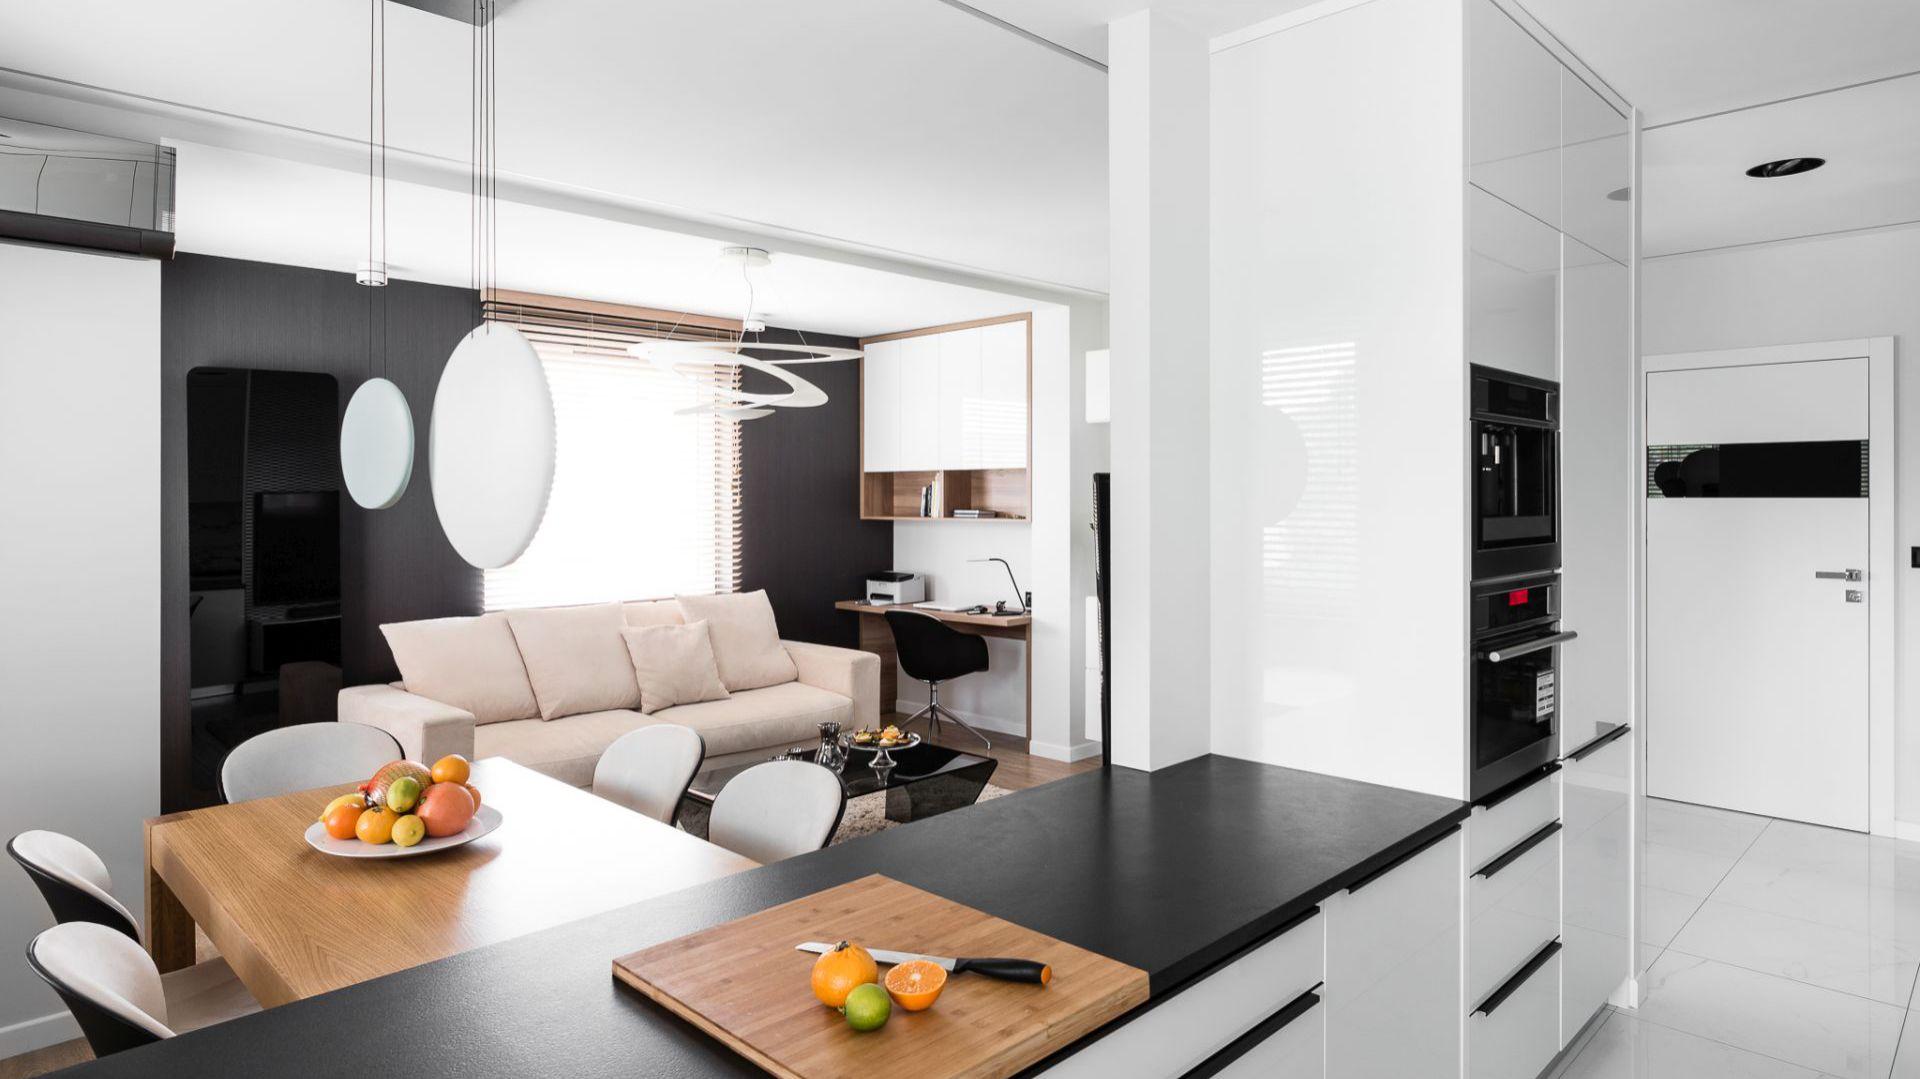 Po wyburzeniu ściany między salonem a kuchnią powstała otwarta strefa dzienna. Projekt: Estera i Robert Sosnowscy / Studio Projekt. Zdjęcia: Fotomohito